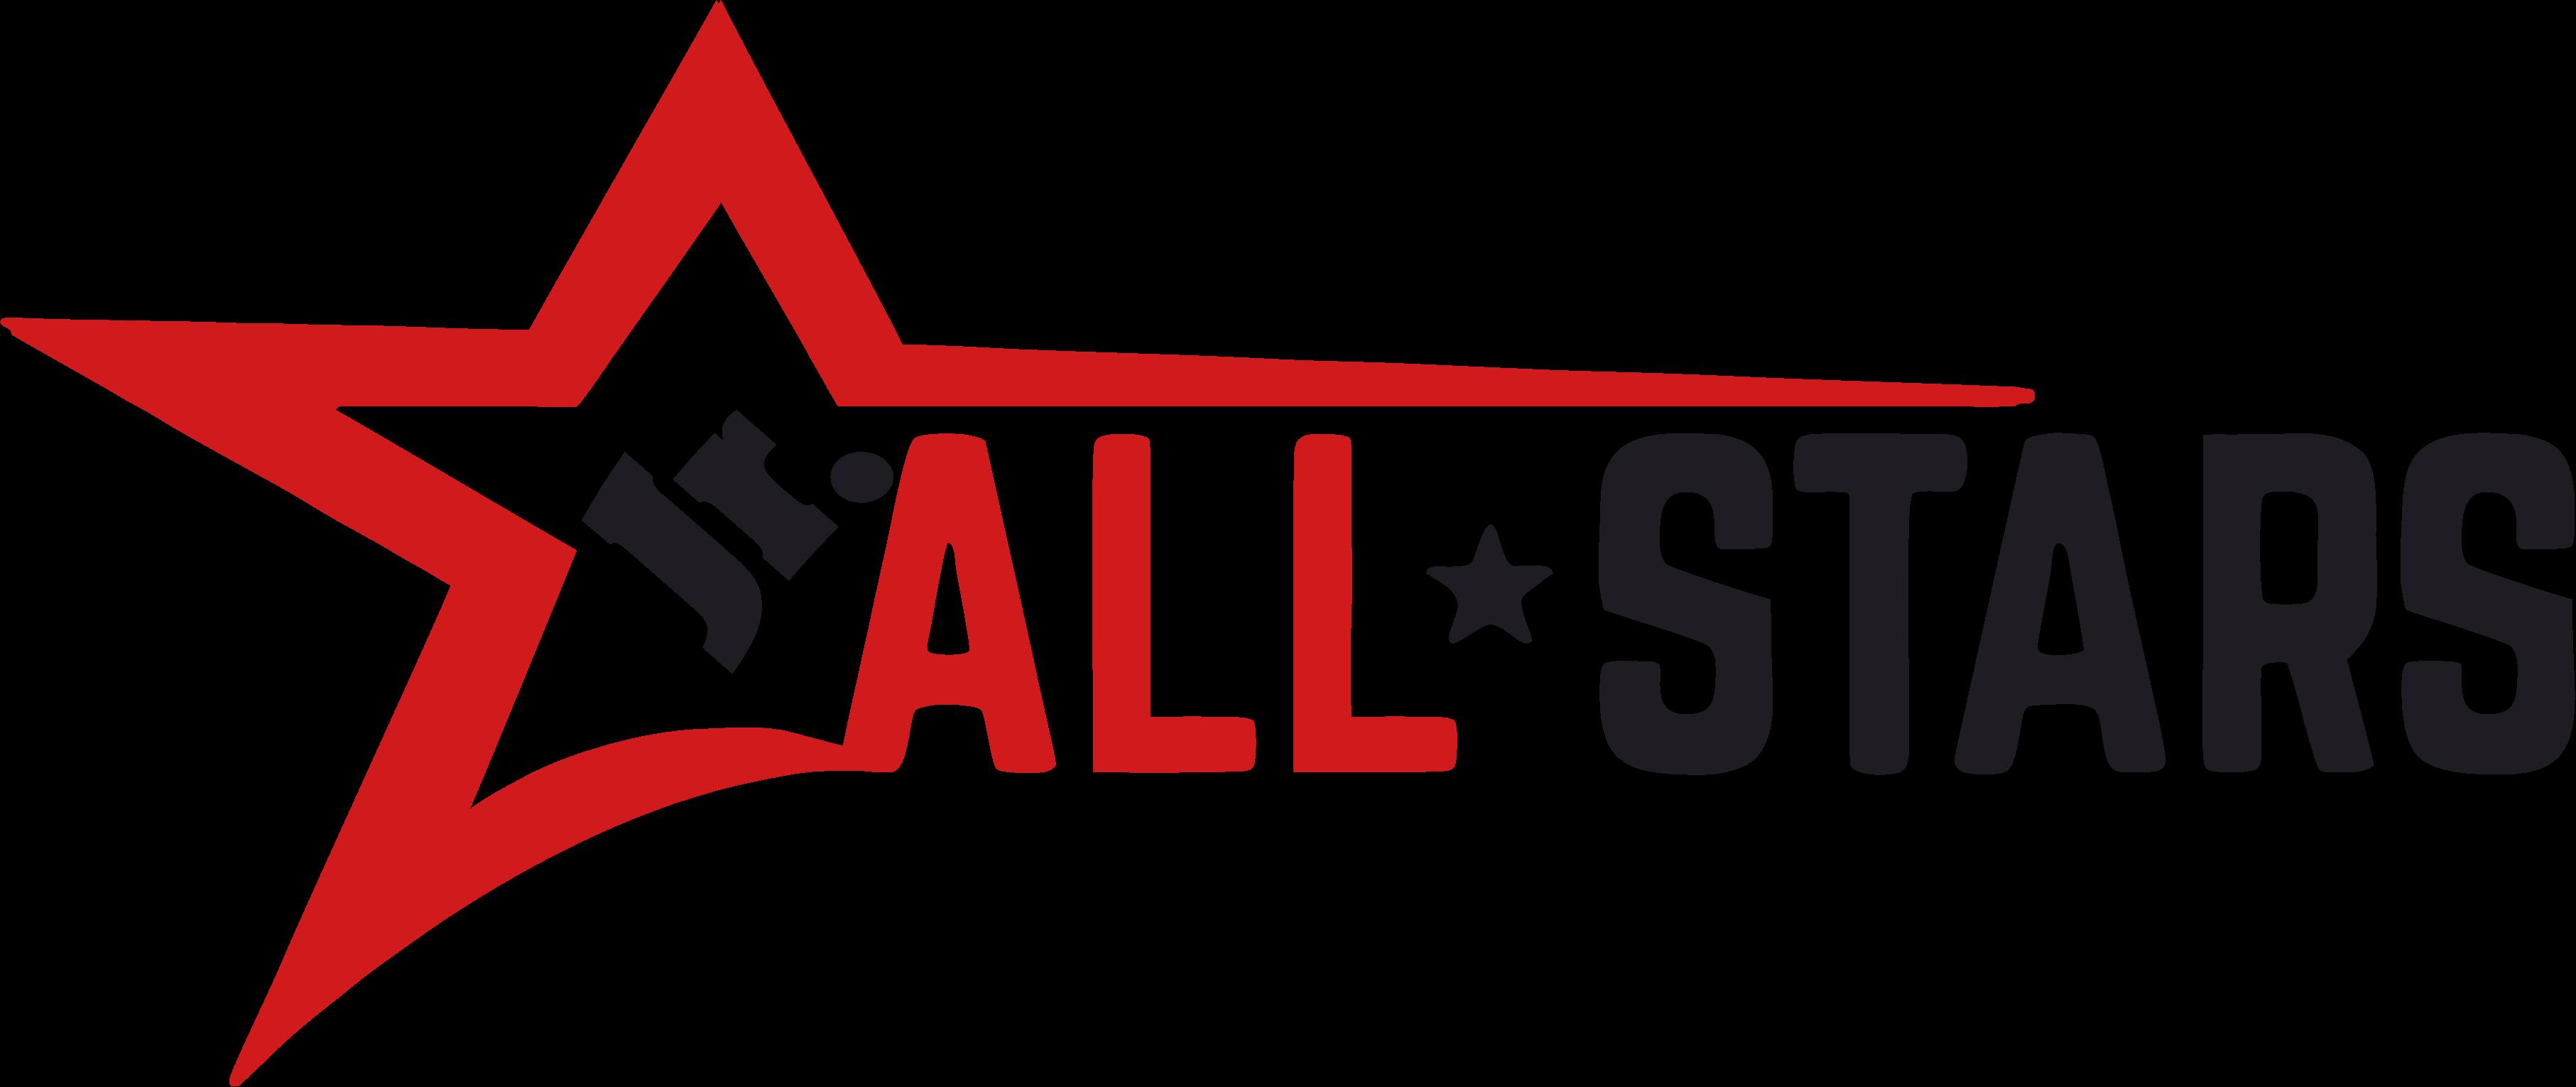 jrallstarsfinal